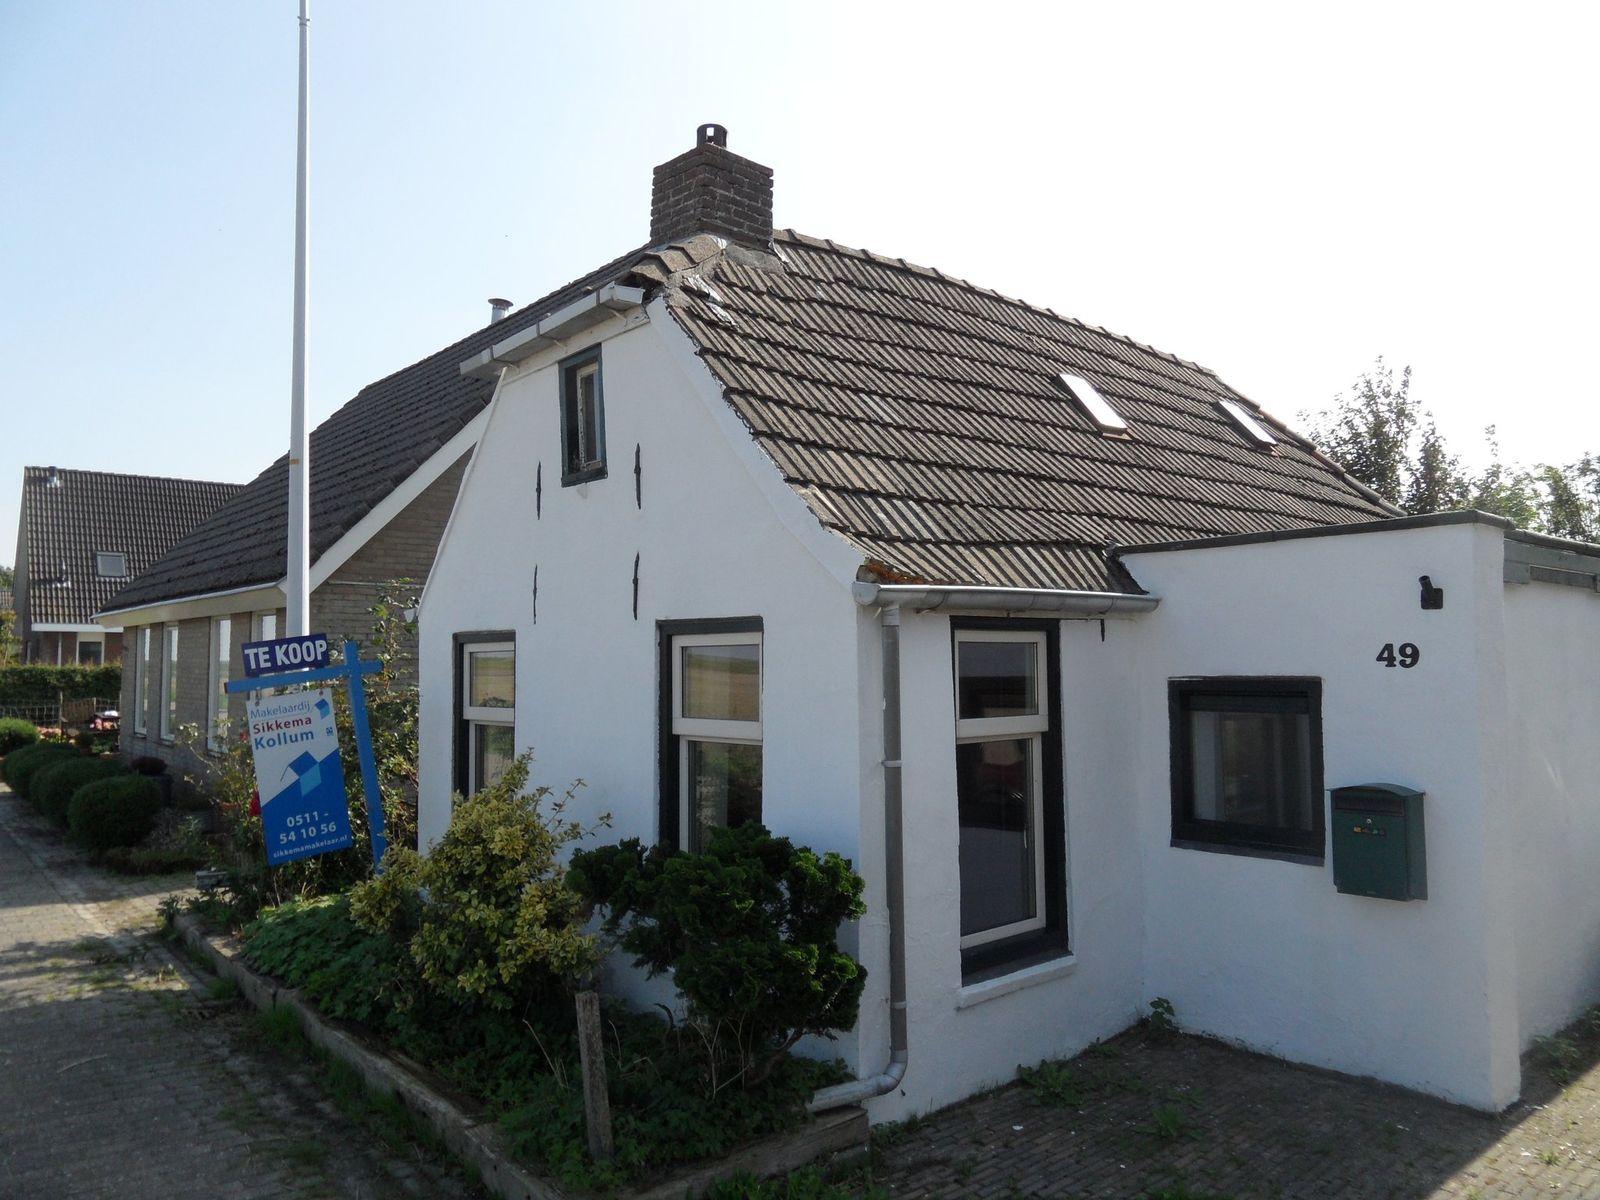 Olde Borchweg 49, Munnekezijl